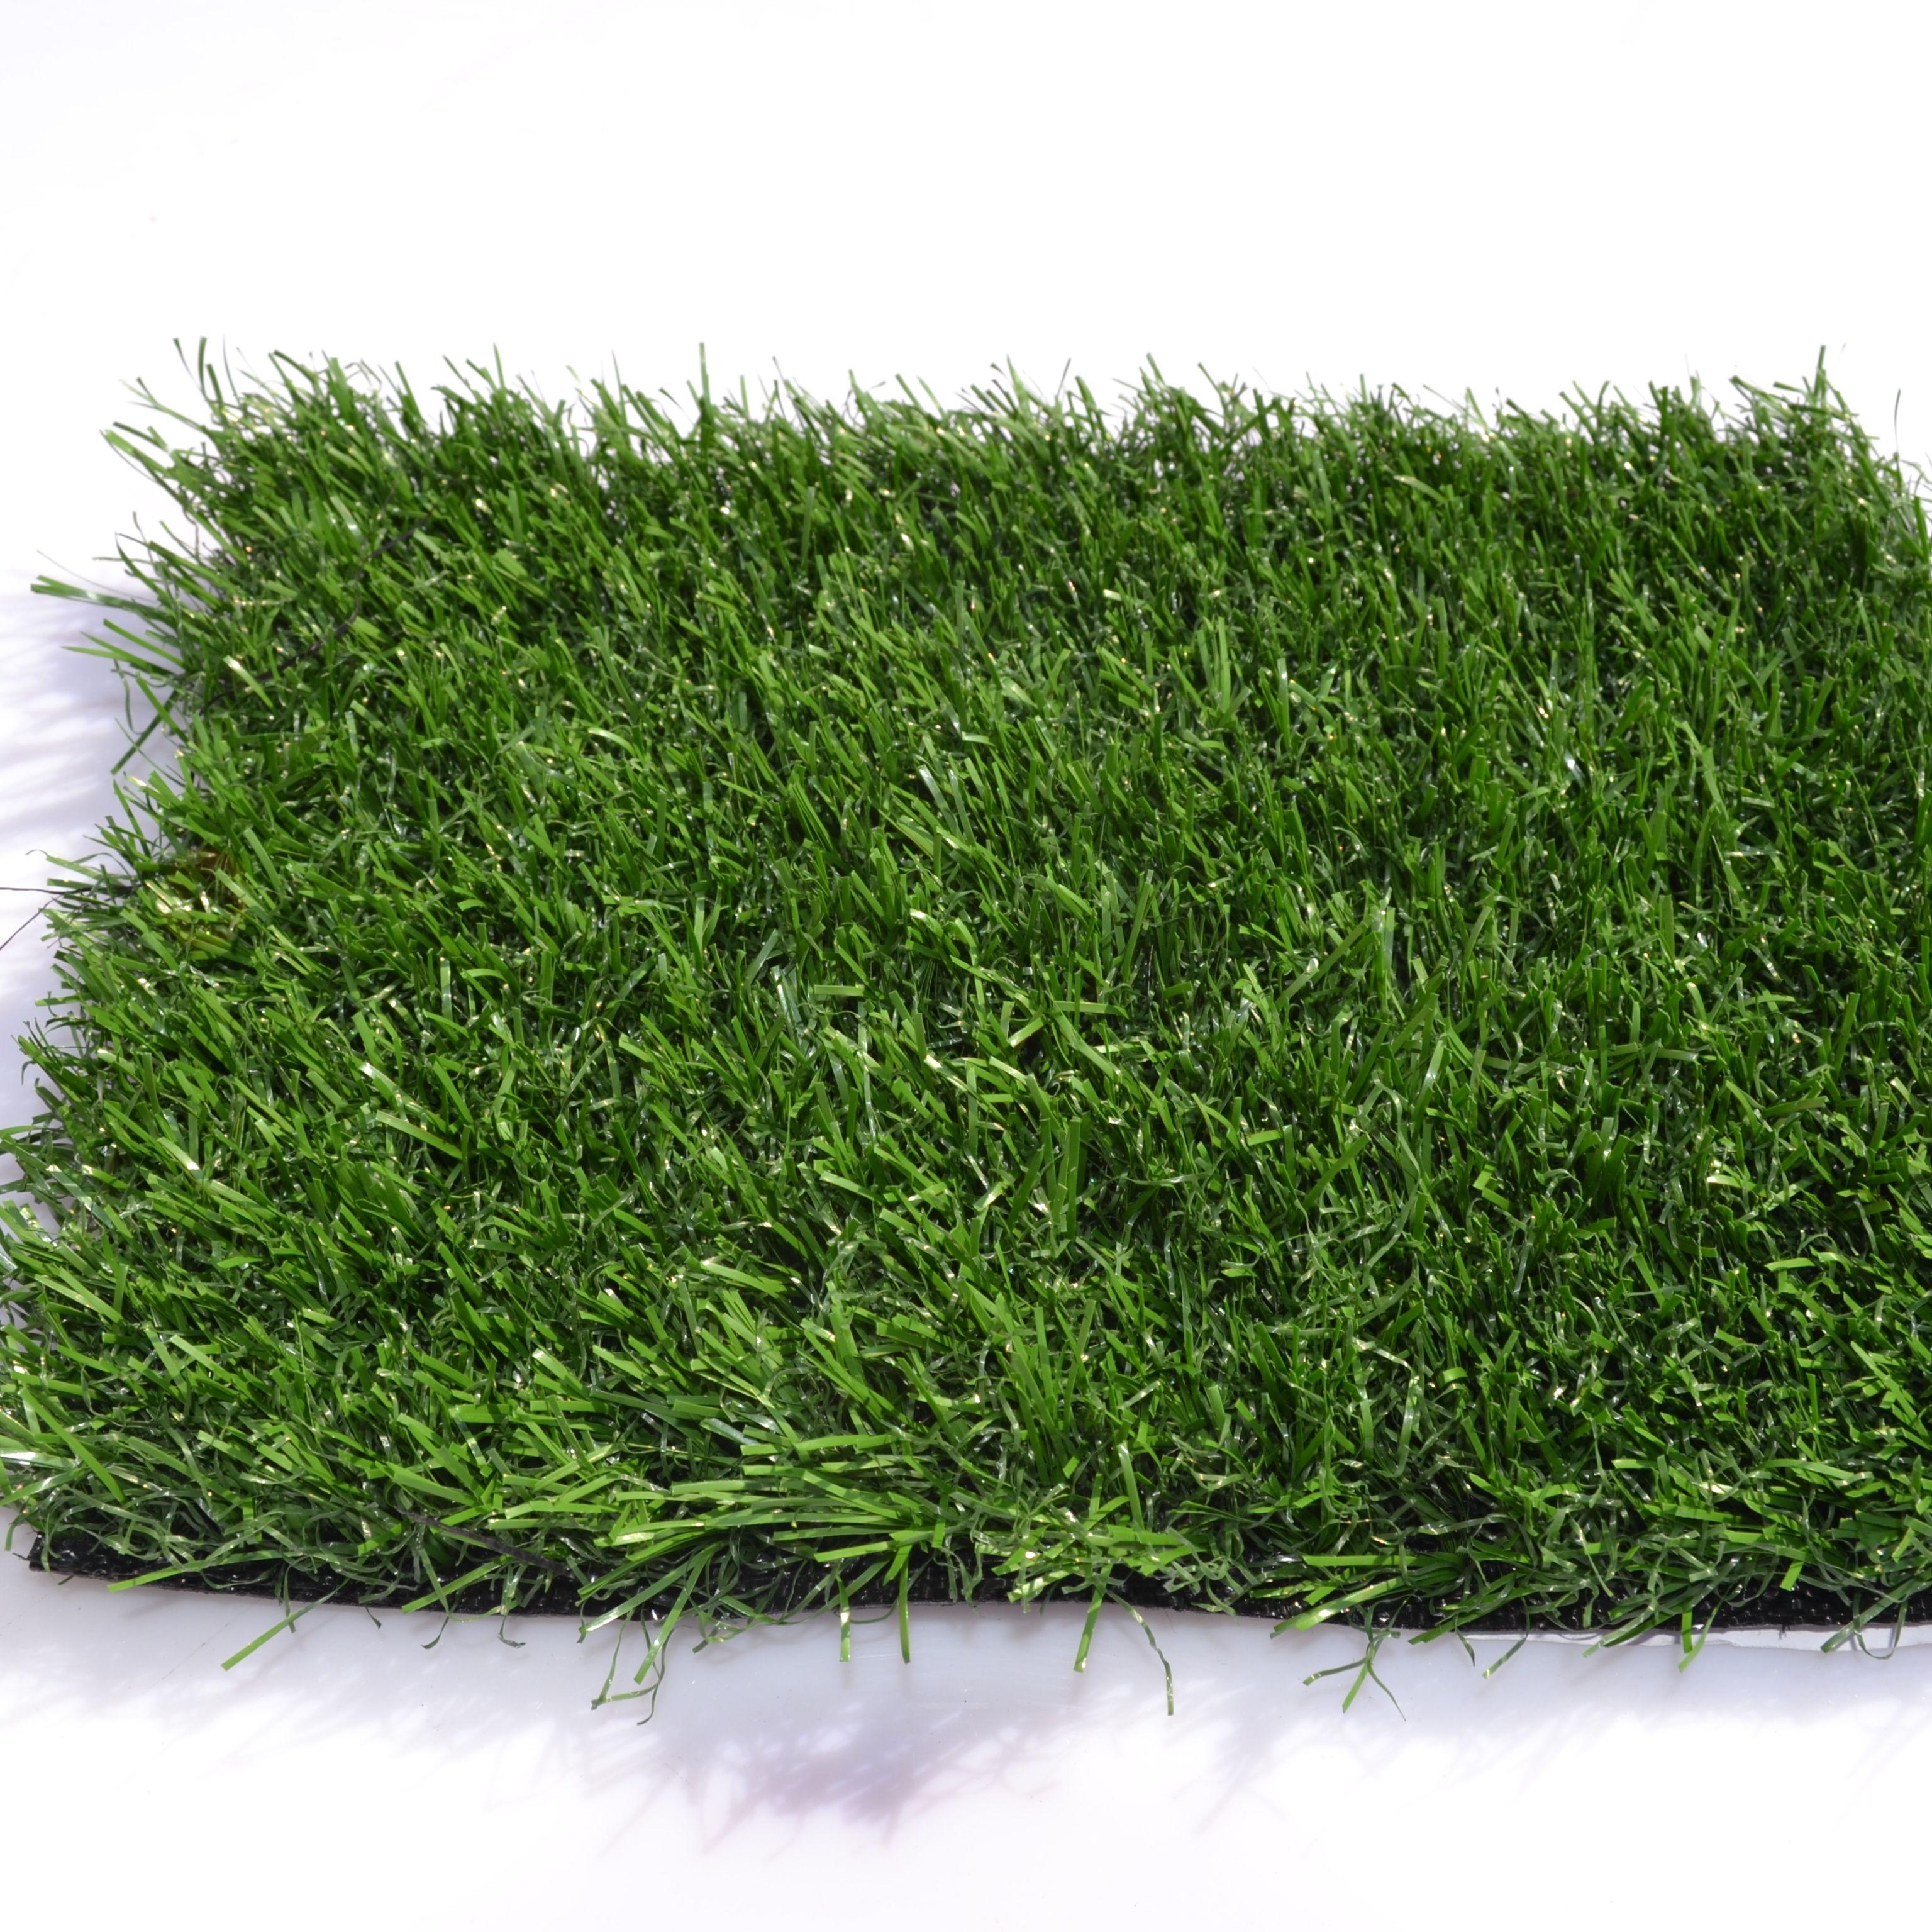 Искусственная трава ландшафтная Грин 25мм